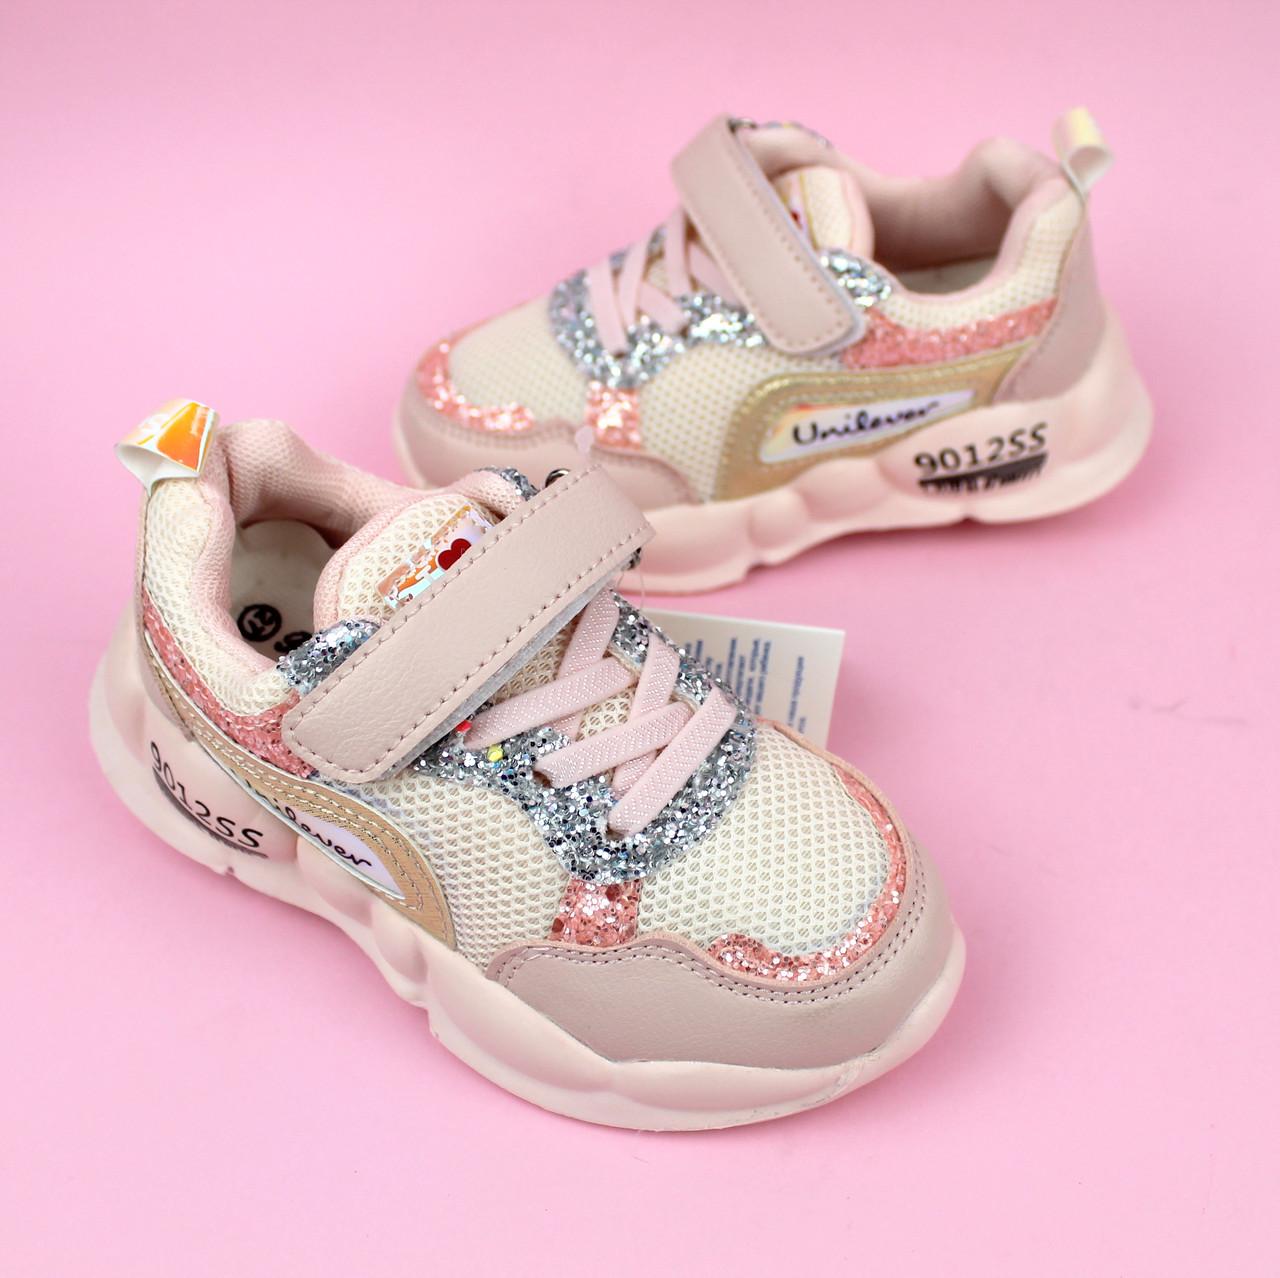 Детские кроссовки на девочку модная стильная спортивная обувь тм Boyang размер 26,27,28,29,30